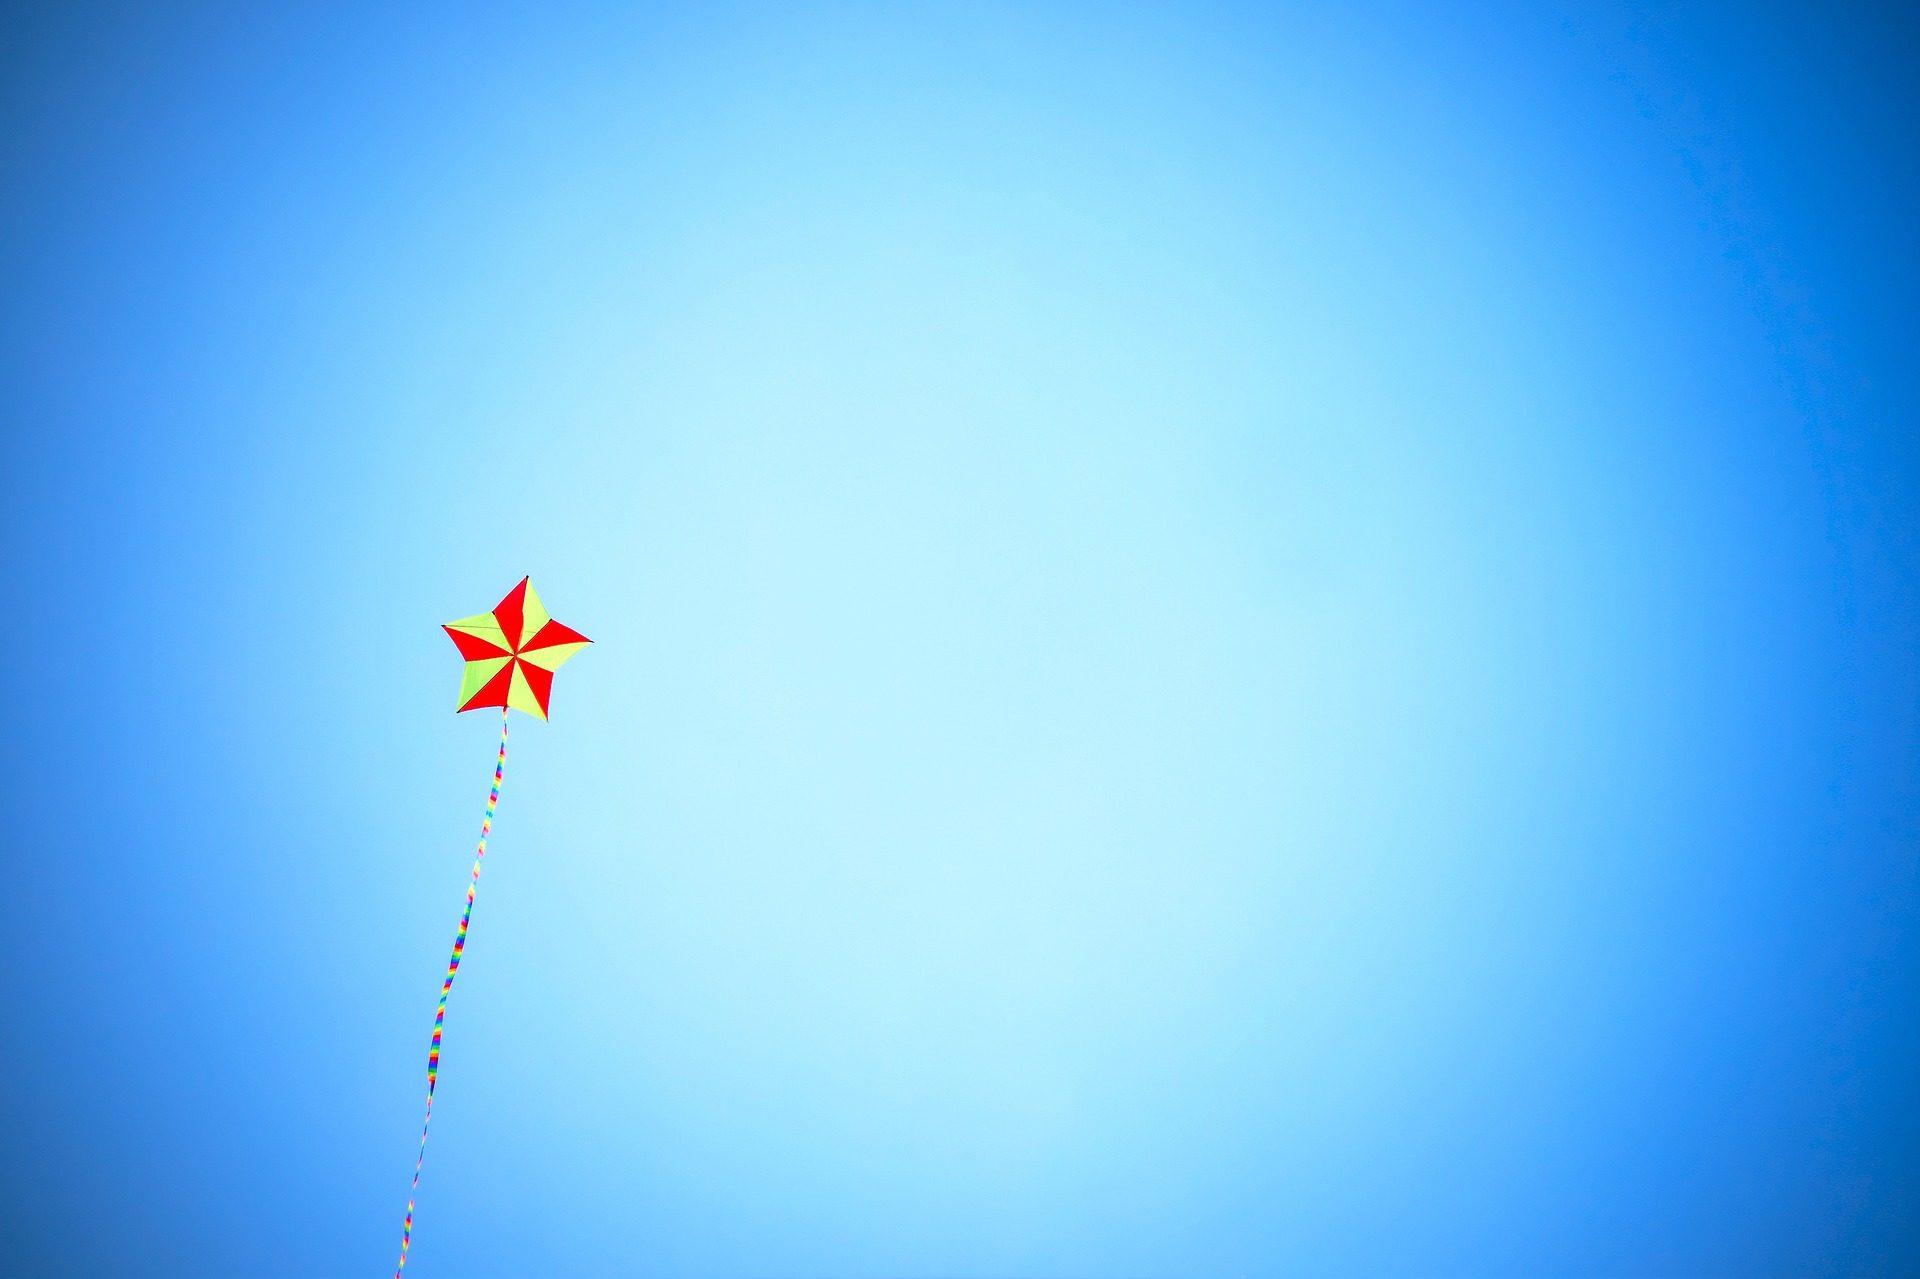 Cielo, aquilone, Star, colorato, volare, gioco - Sfondi HD - Professor-falken.com